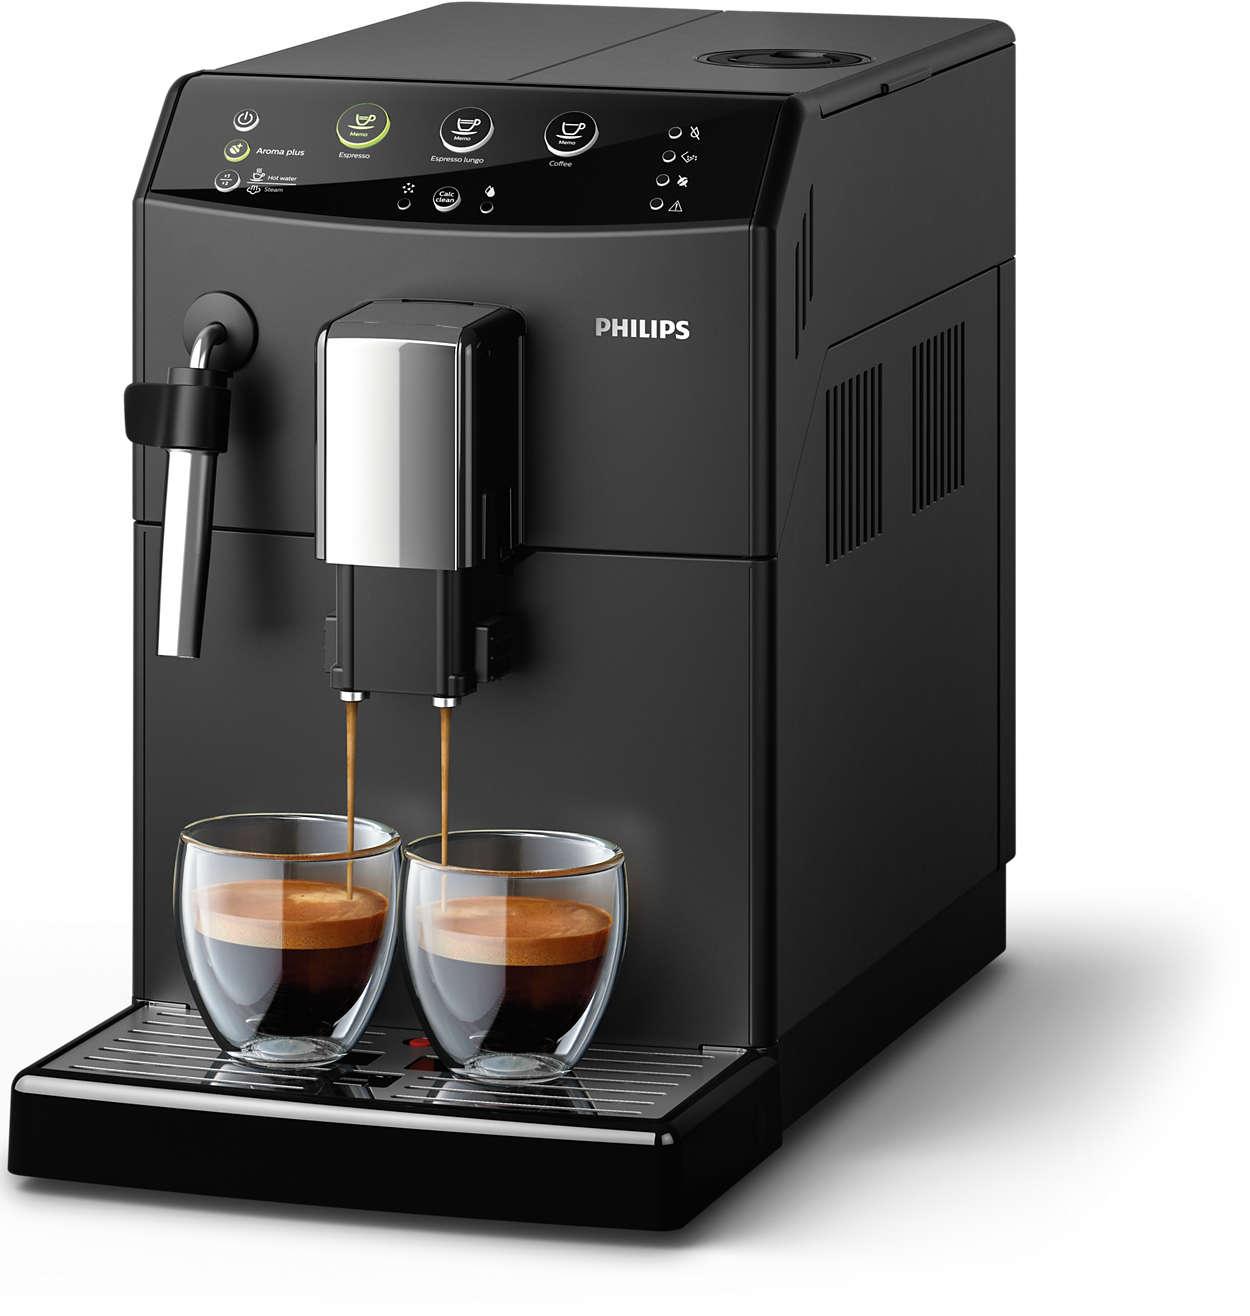 Pyszna kawa ze świeżych ziaren za jednym dotknięciem przycisku